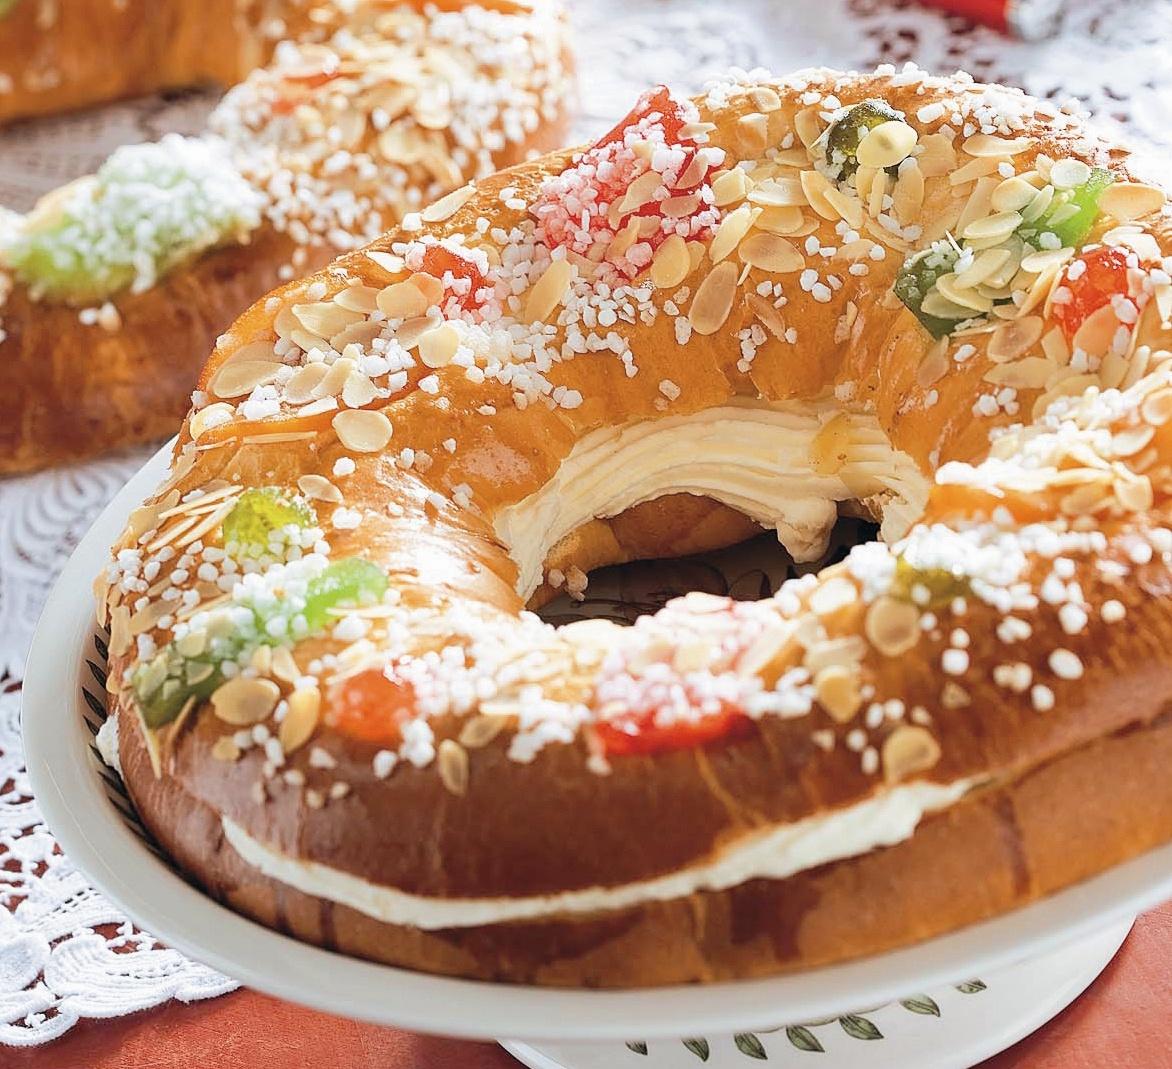 El roscón de Reyes de Hipercor, el mejor por segundo año consecutivo, según la OCU